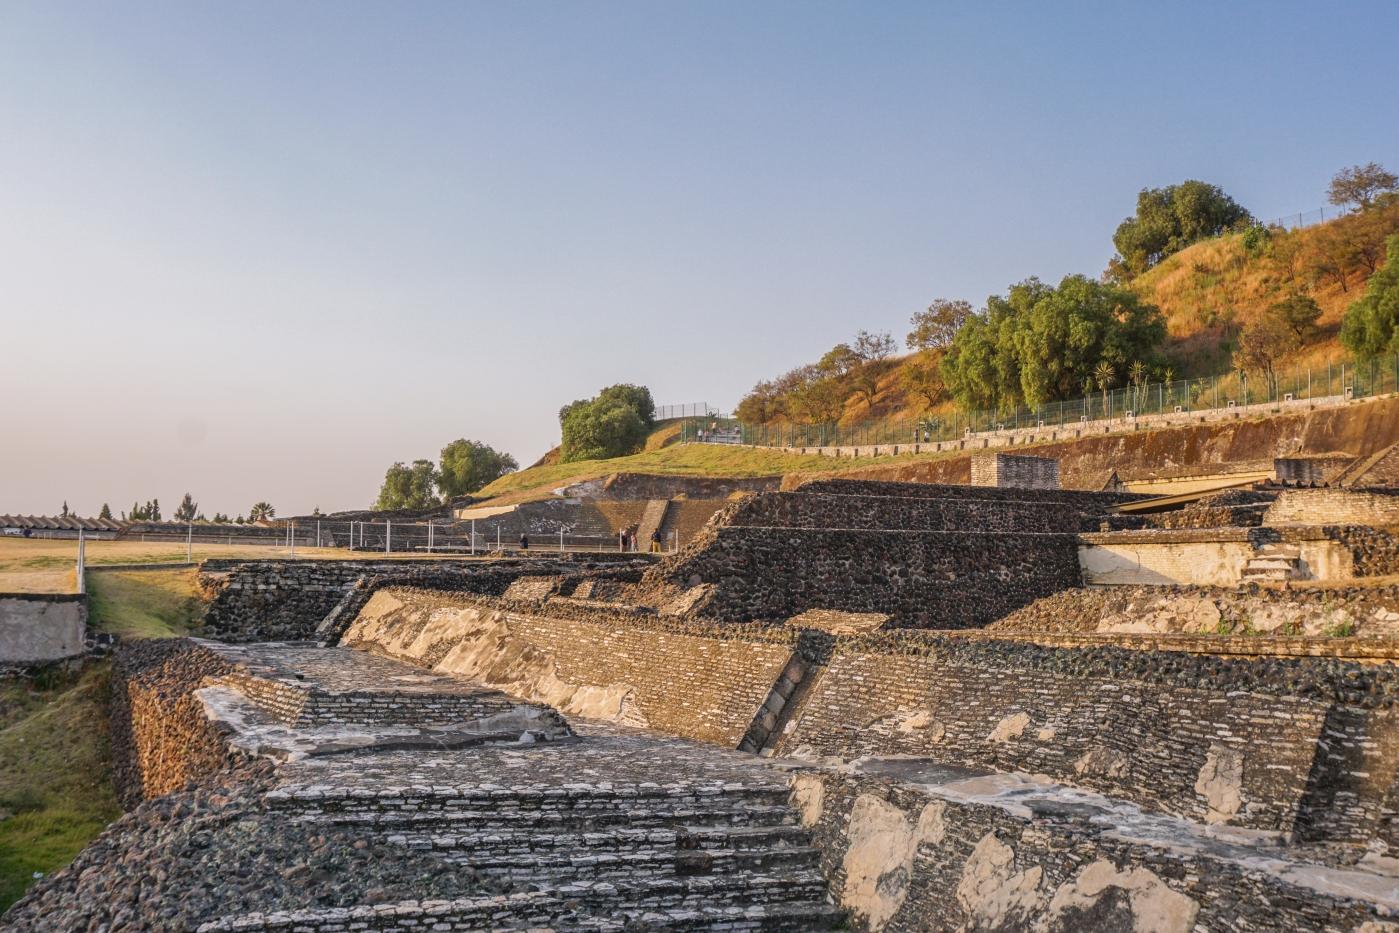 Pirámide oculta de Cholula - El Sol Latino